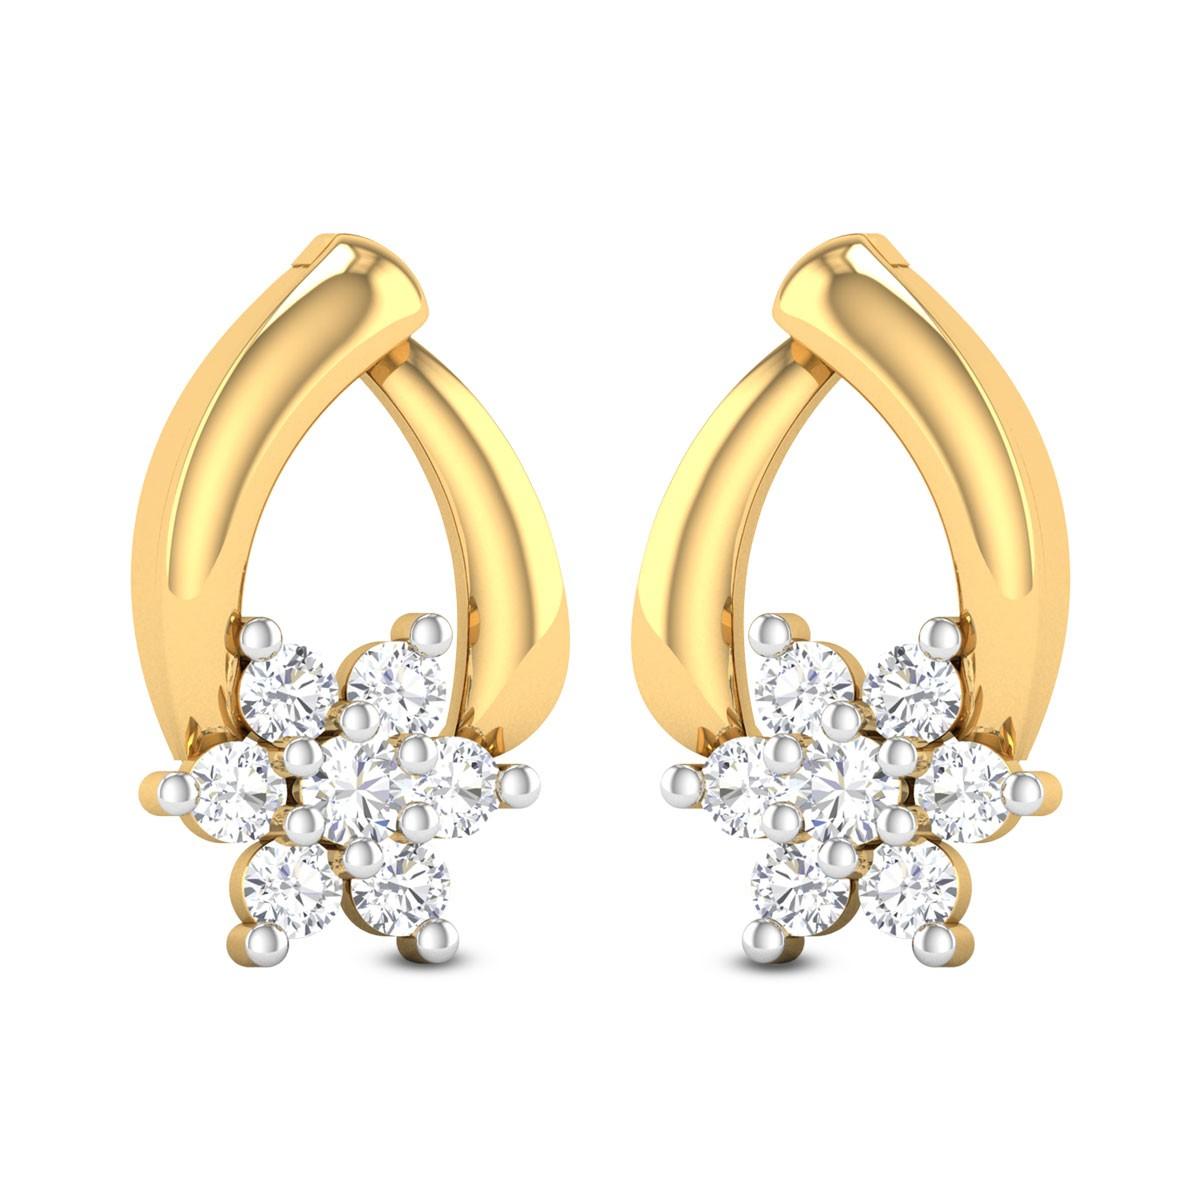 Anirvinya Diamond Stud Earrings